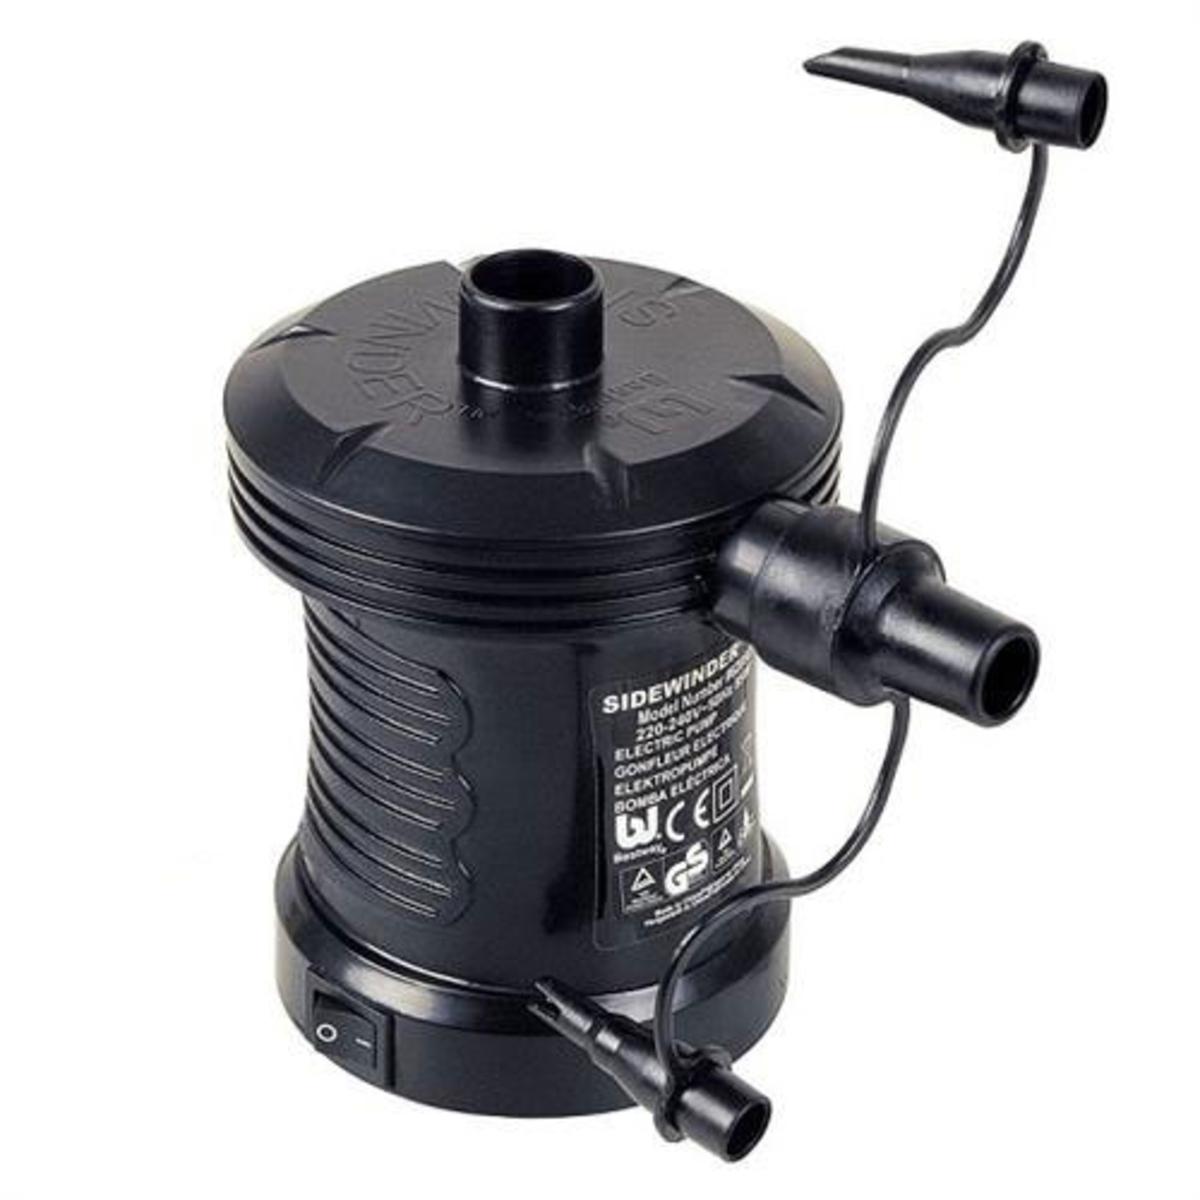 Bild 2 von Elektrische Luftpumpe Sidewinder